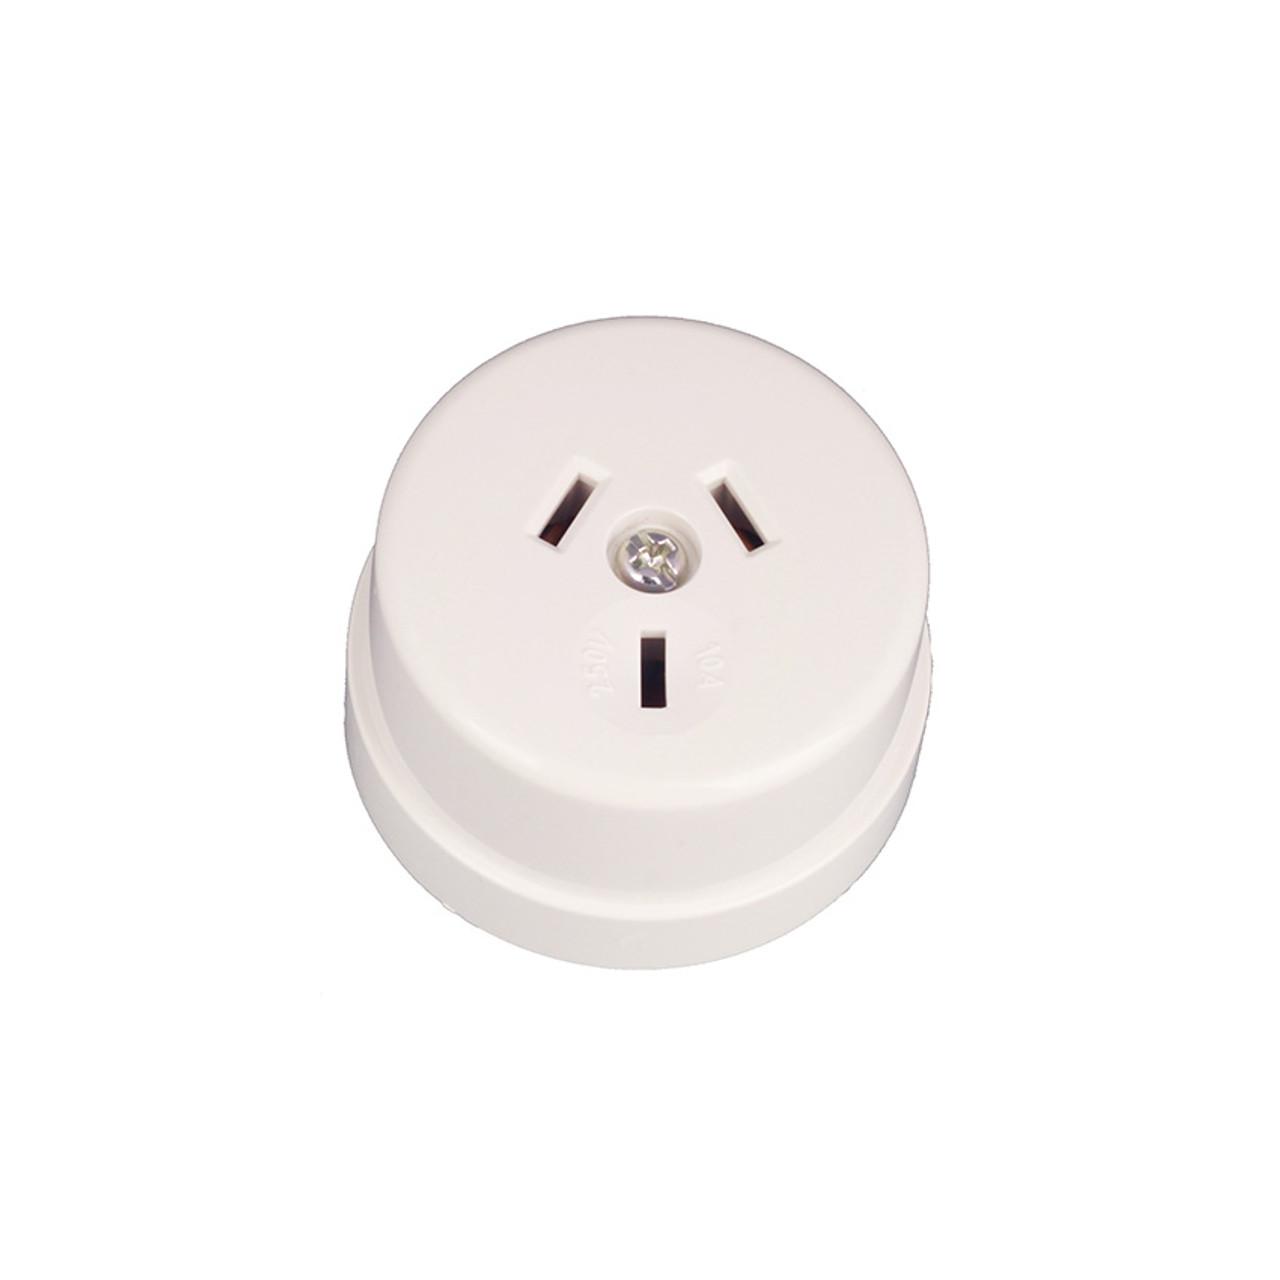 White Bakelite Power Socket